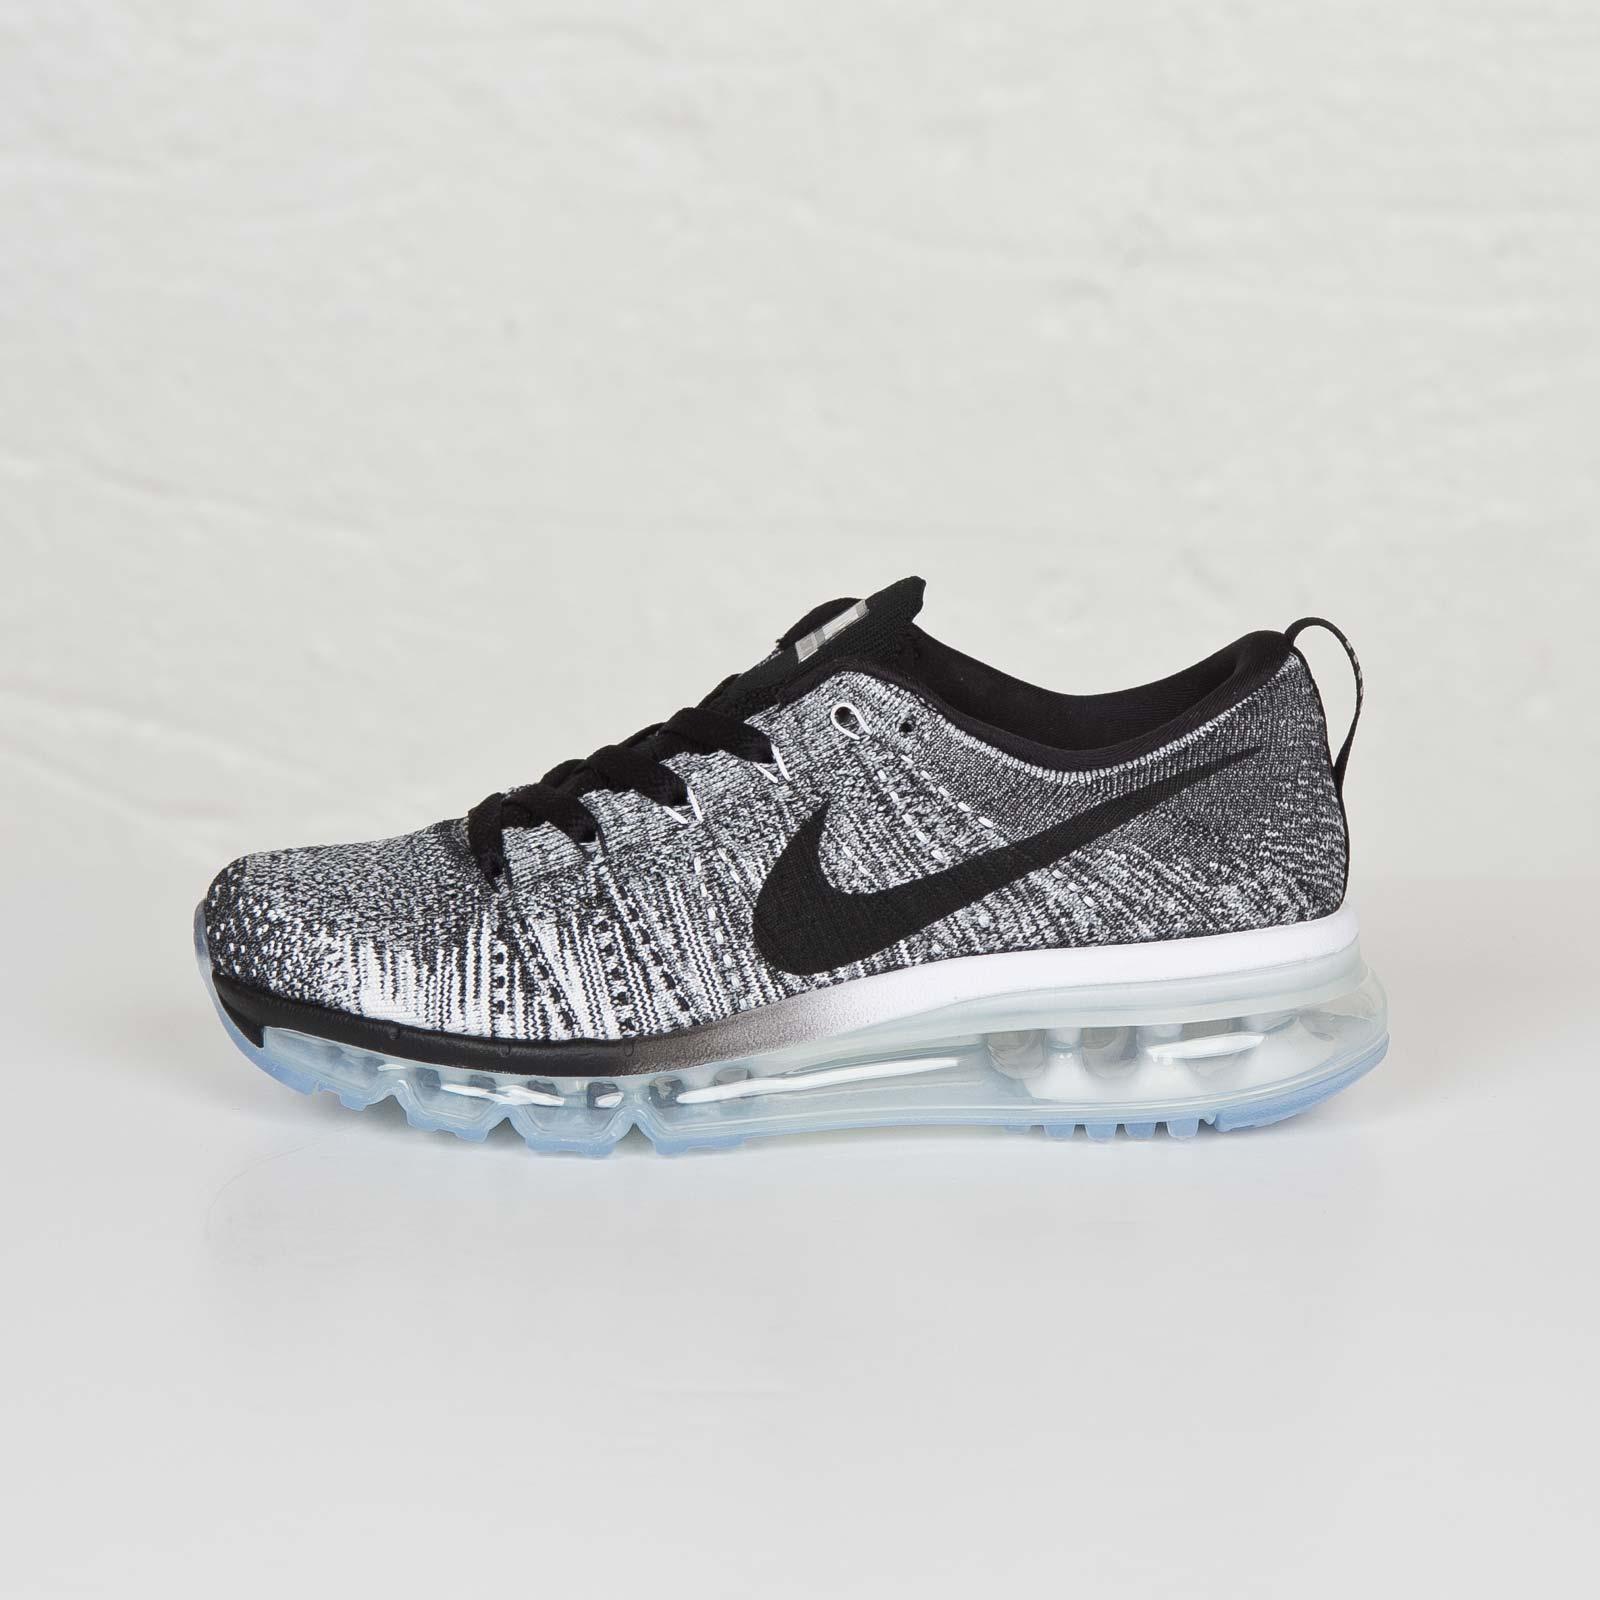 hot sale online 0dd4a 17c2a Nike Wmns Flyknit Max - 620659-102 - Sneakersnstuff   sneakers   streetwear  online since 1999